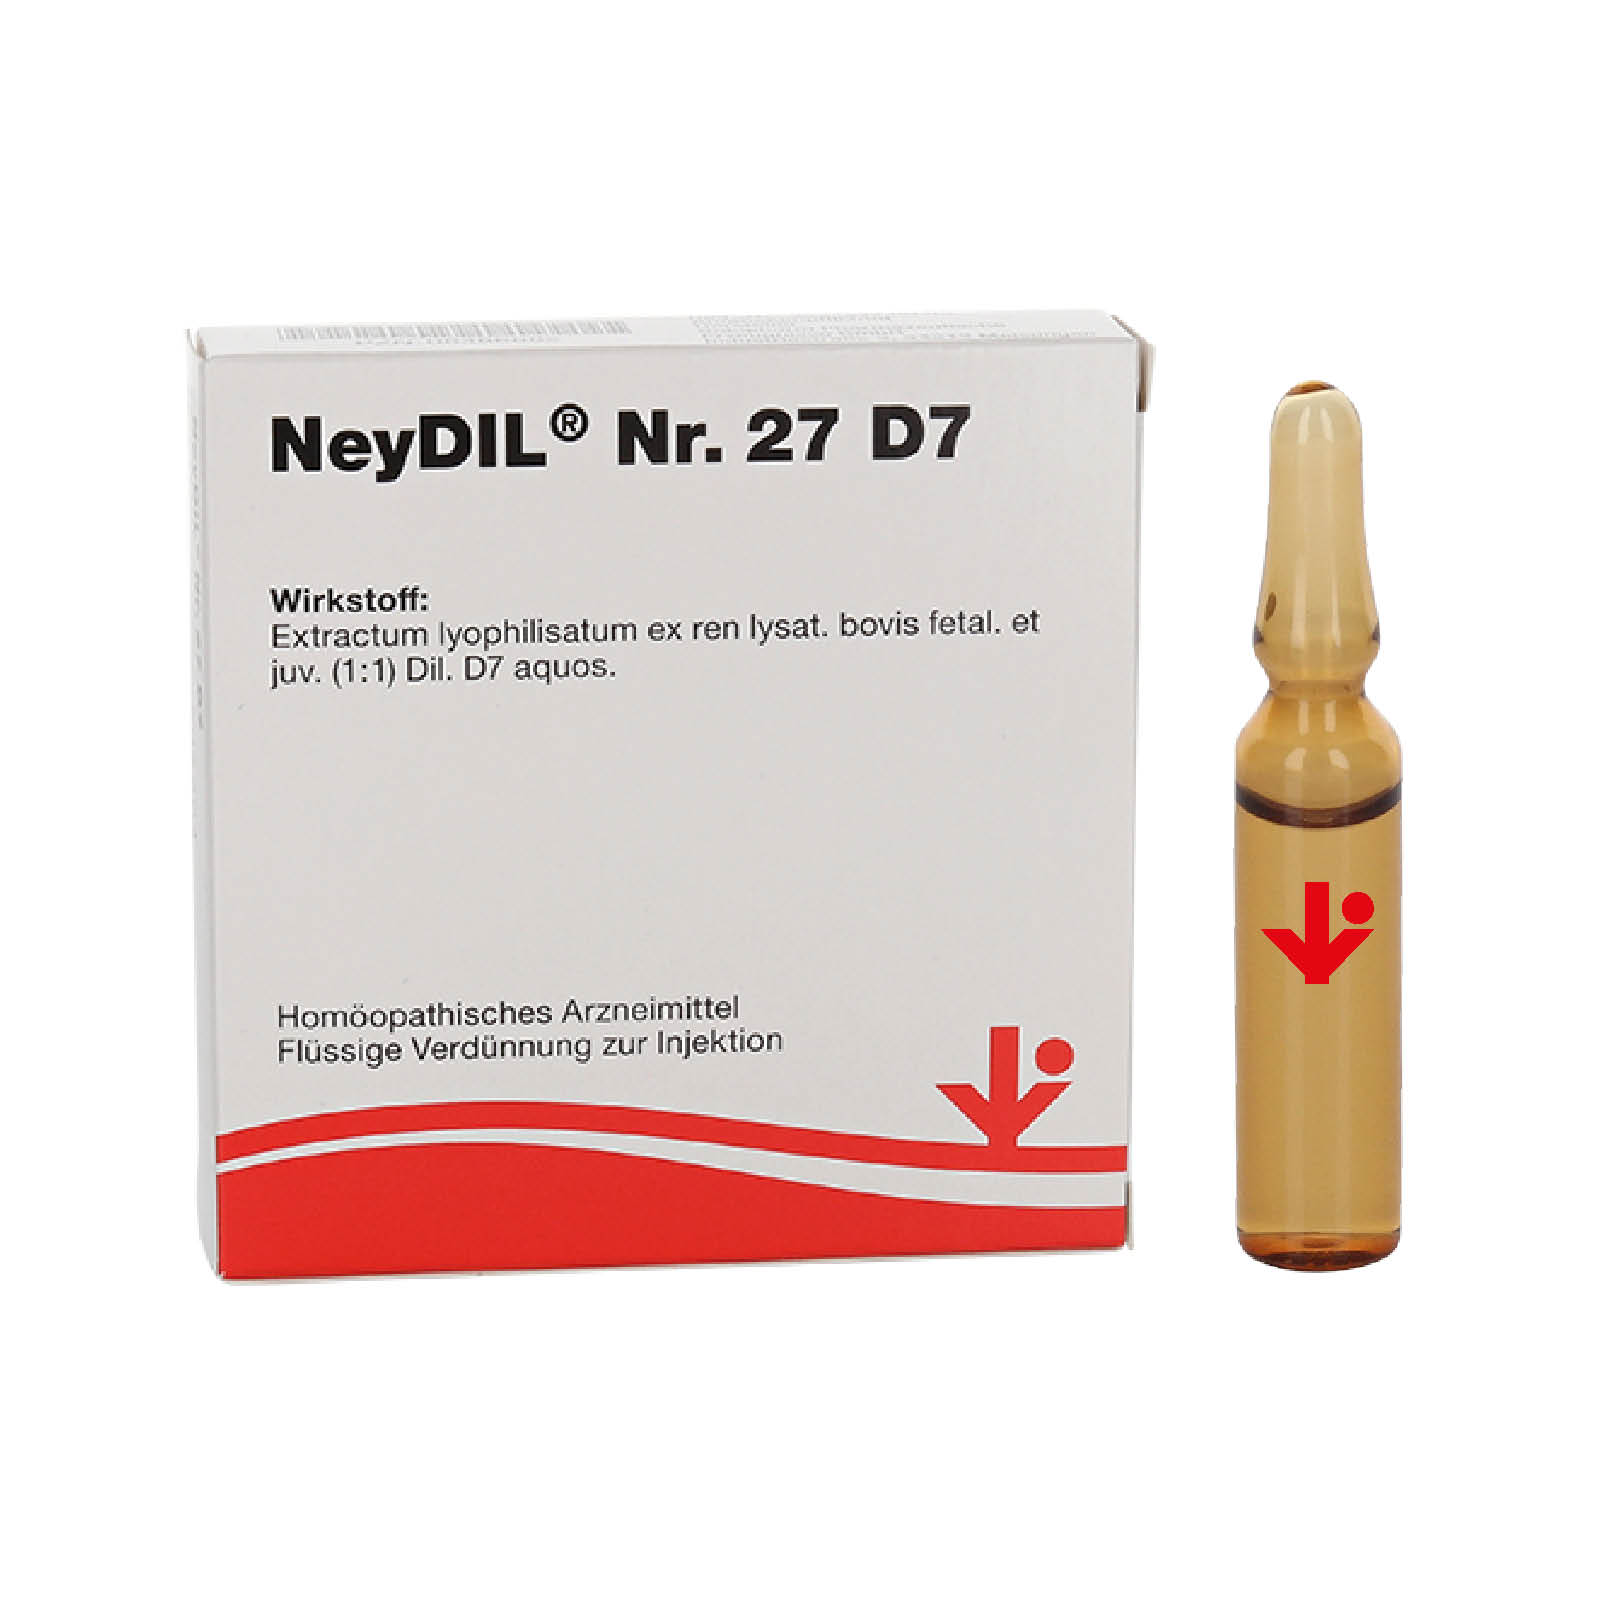 NeyDIL® Nr. 27 D7